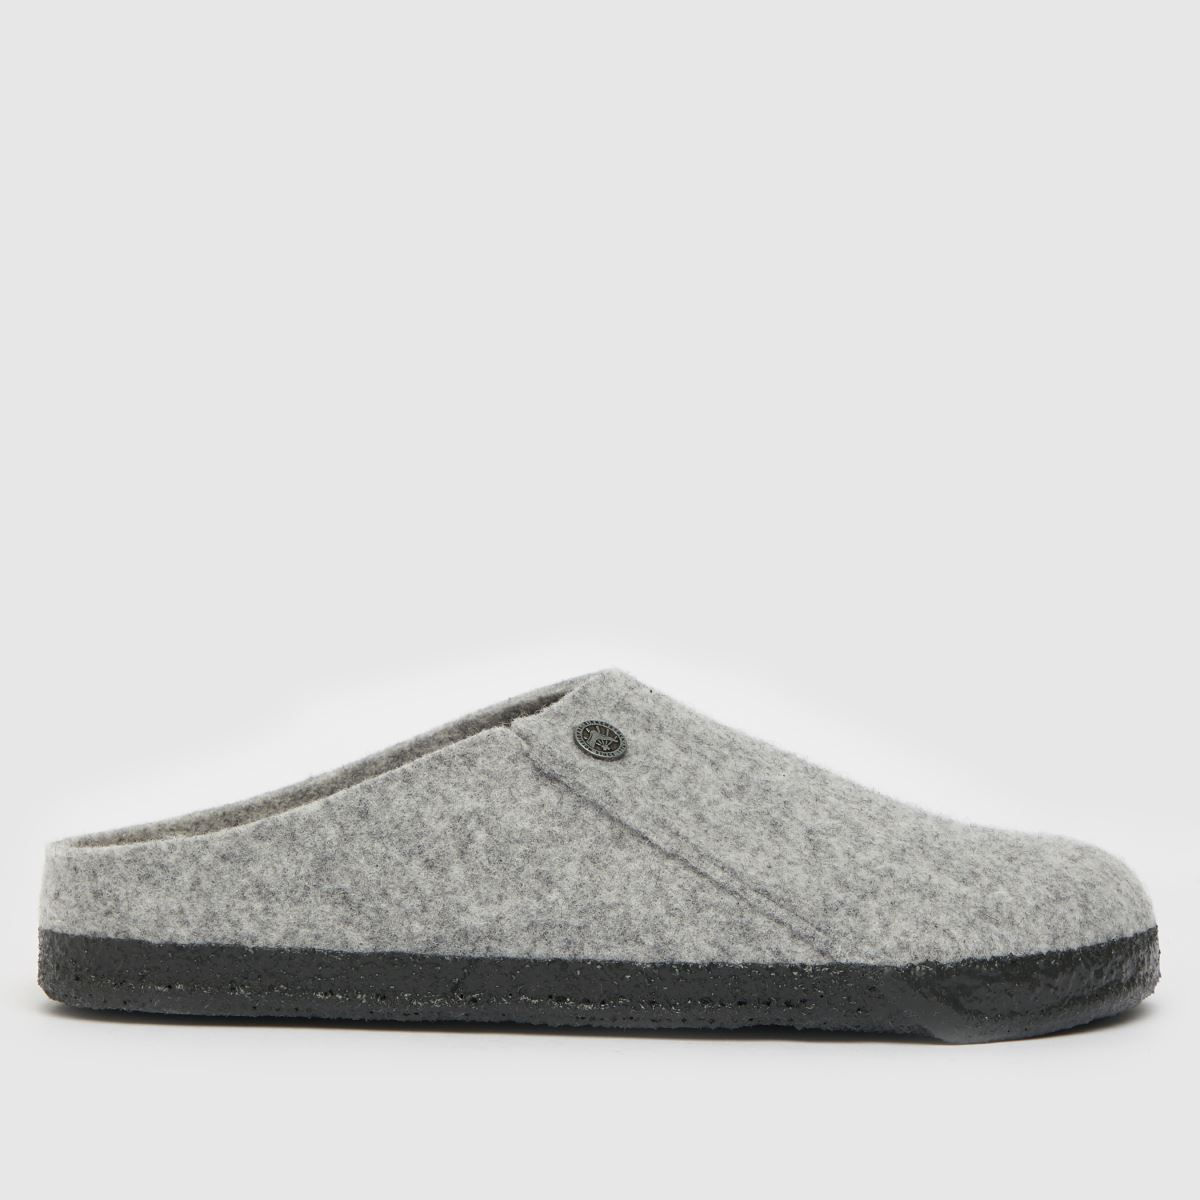 BIRKENSTOCK Grey Birk Zermatt Slipper Slippers